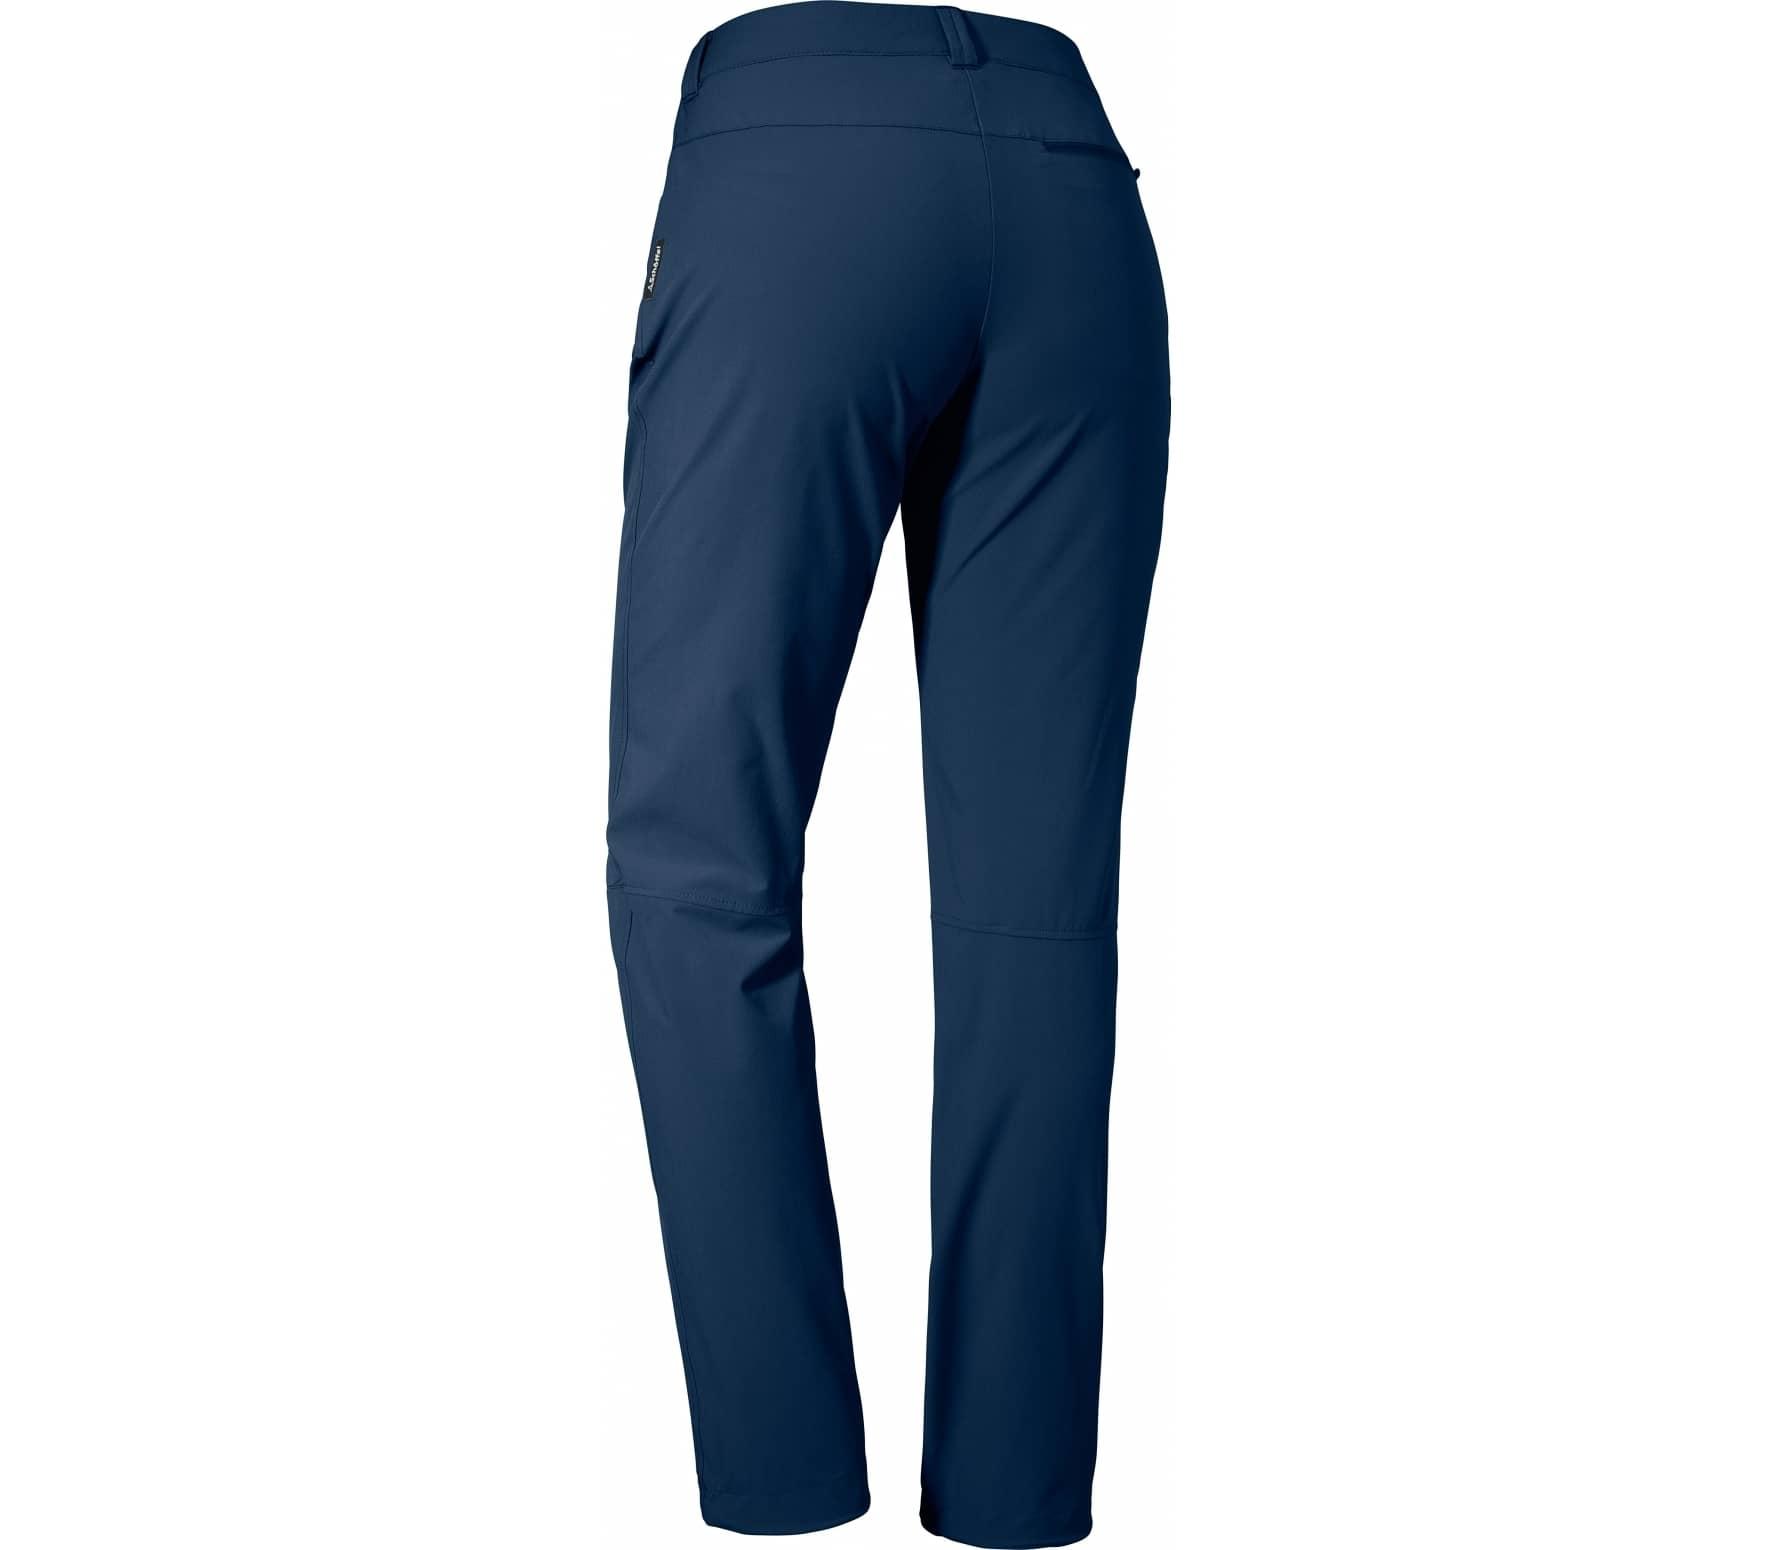 Schöffel Granada1 Kvinder Udendørs bukser (mørkeblå)